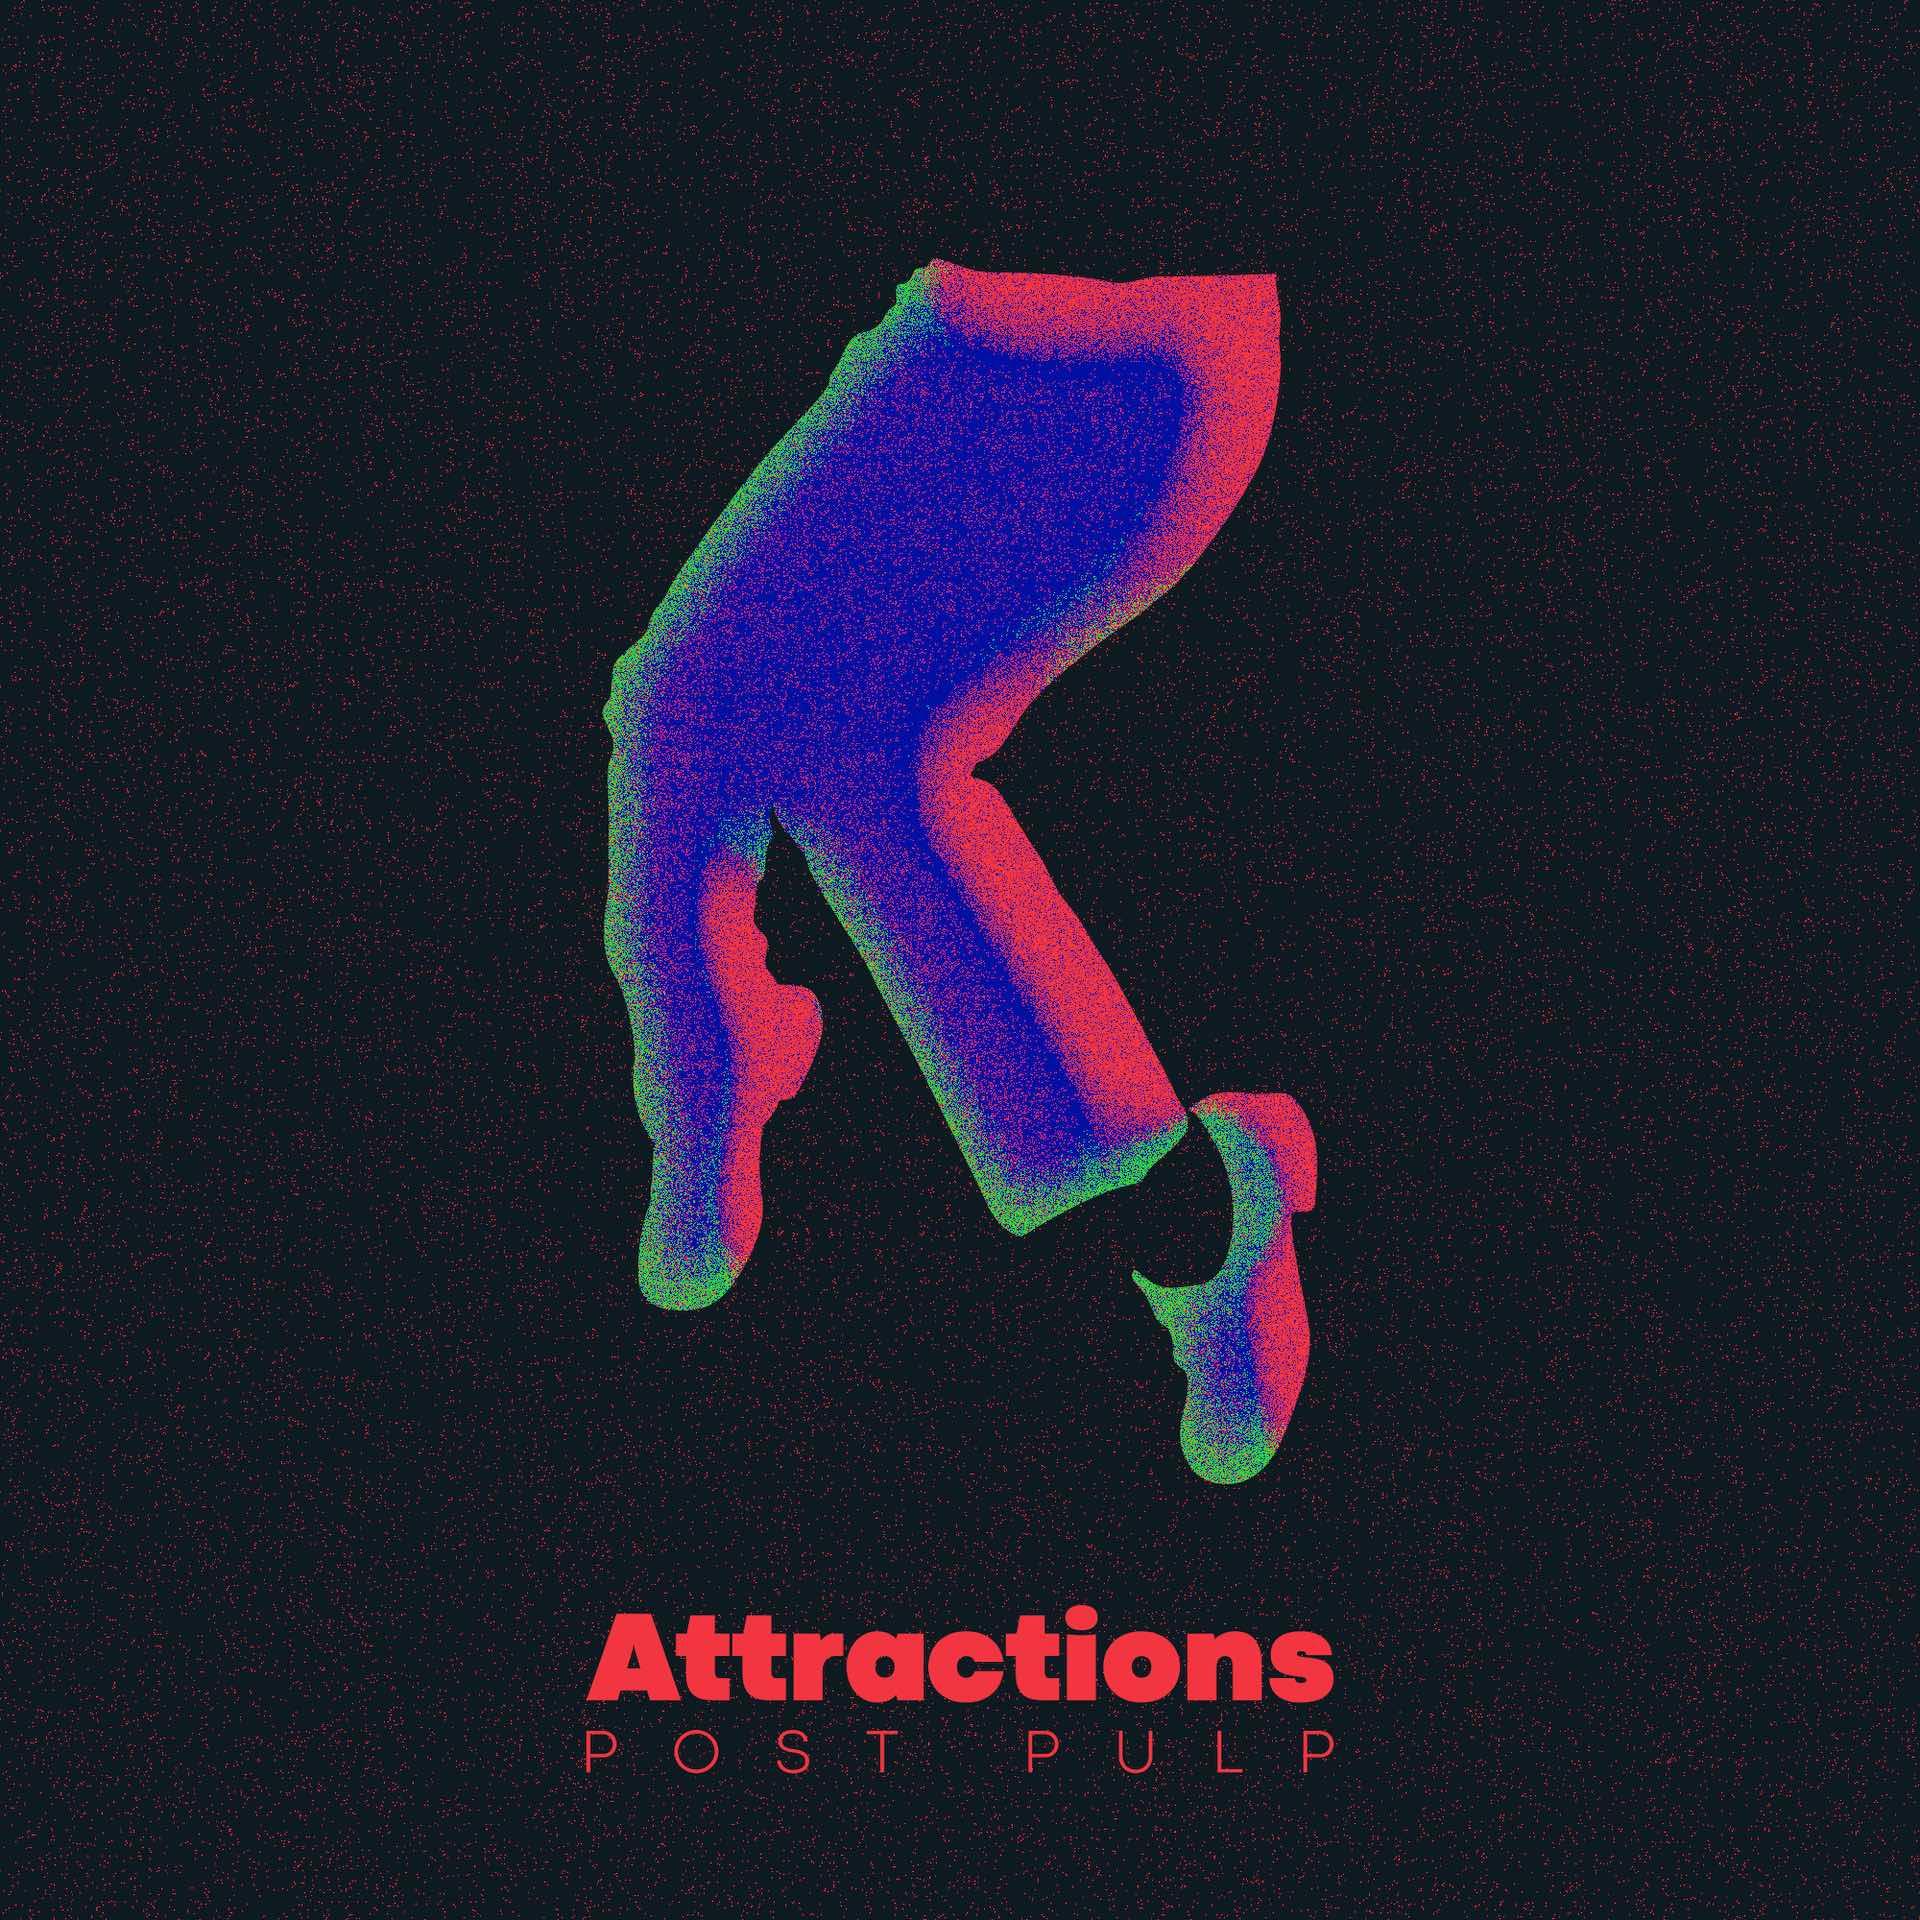 Attractions TARO&TAKEがメジャーデビューを機に振り返る2017年からの歩みと、『POST PULP』から始まる新章 interview201012_attractions_02